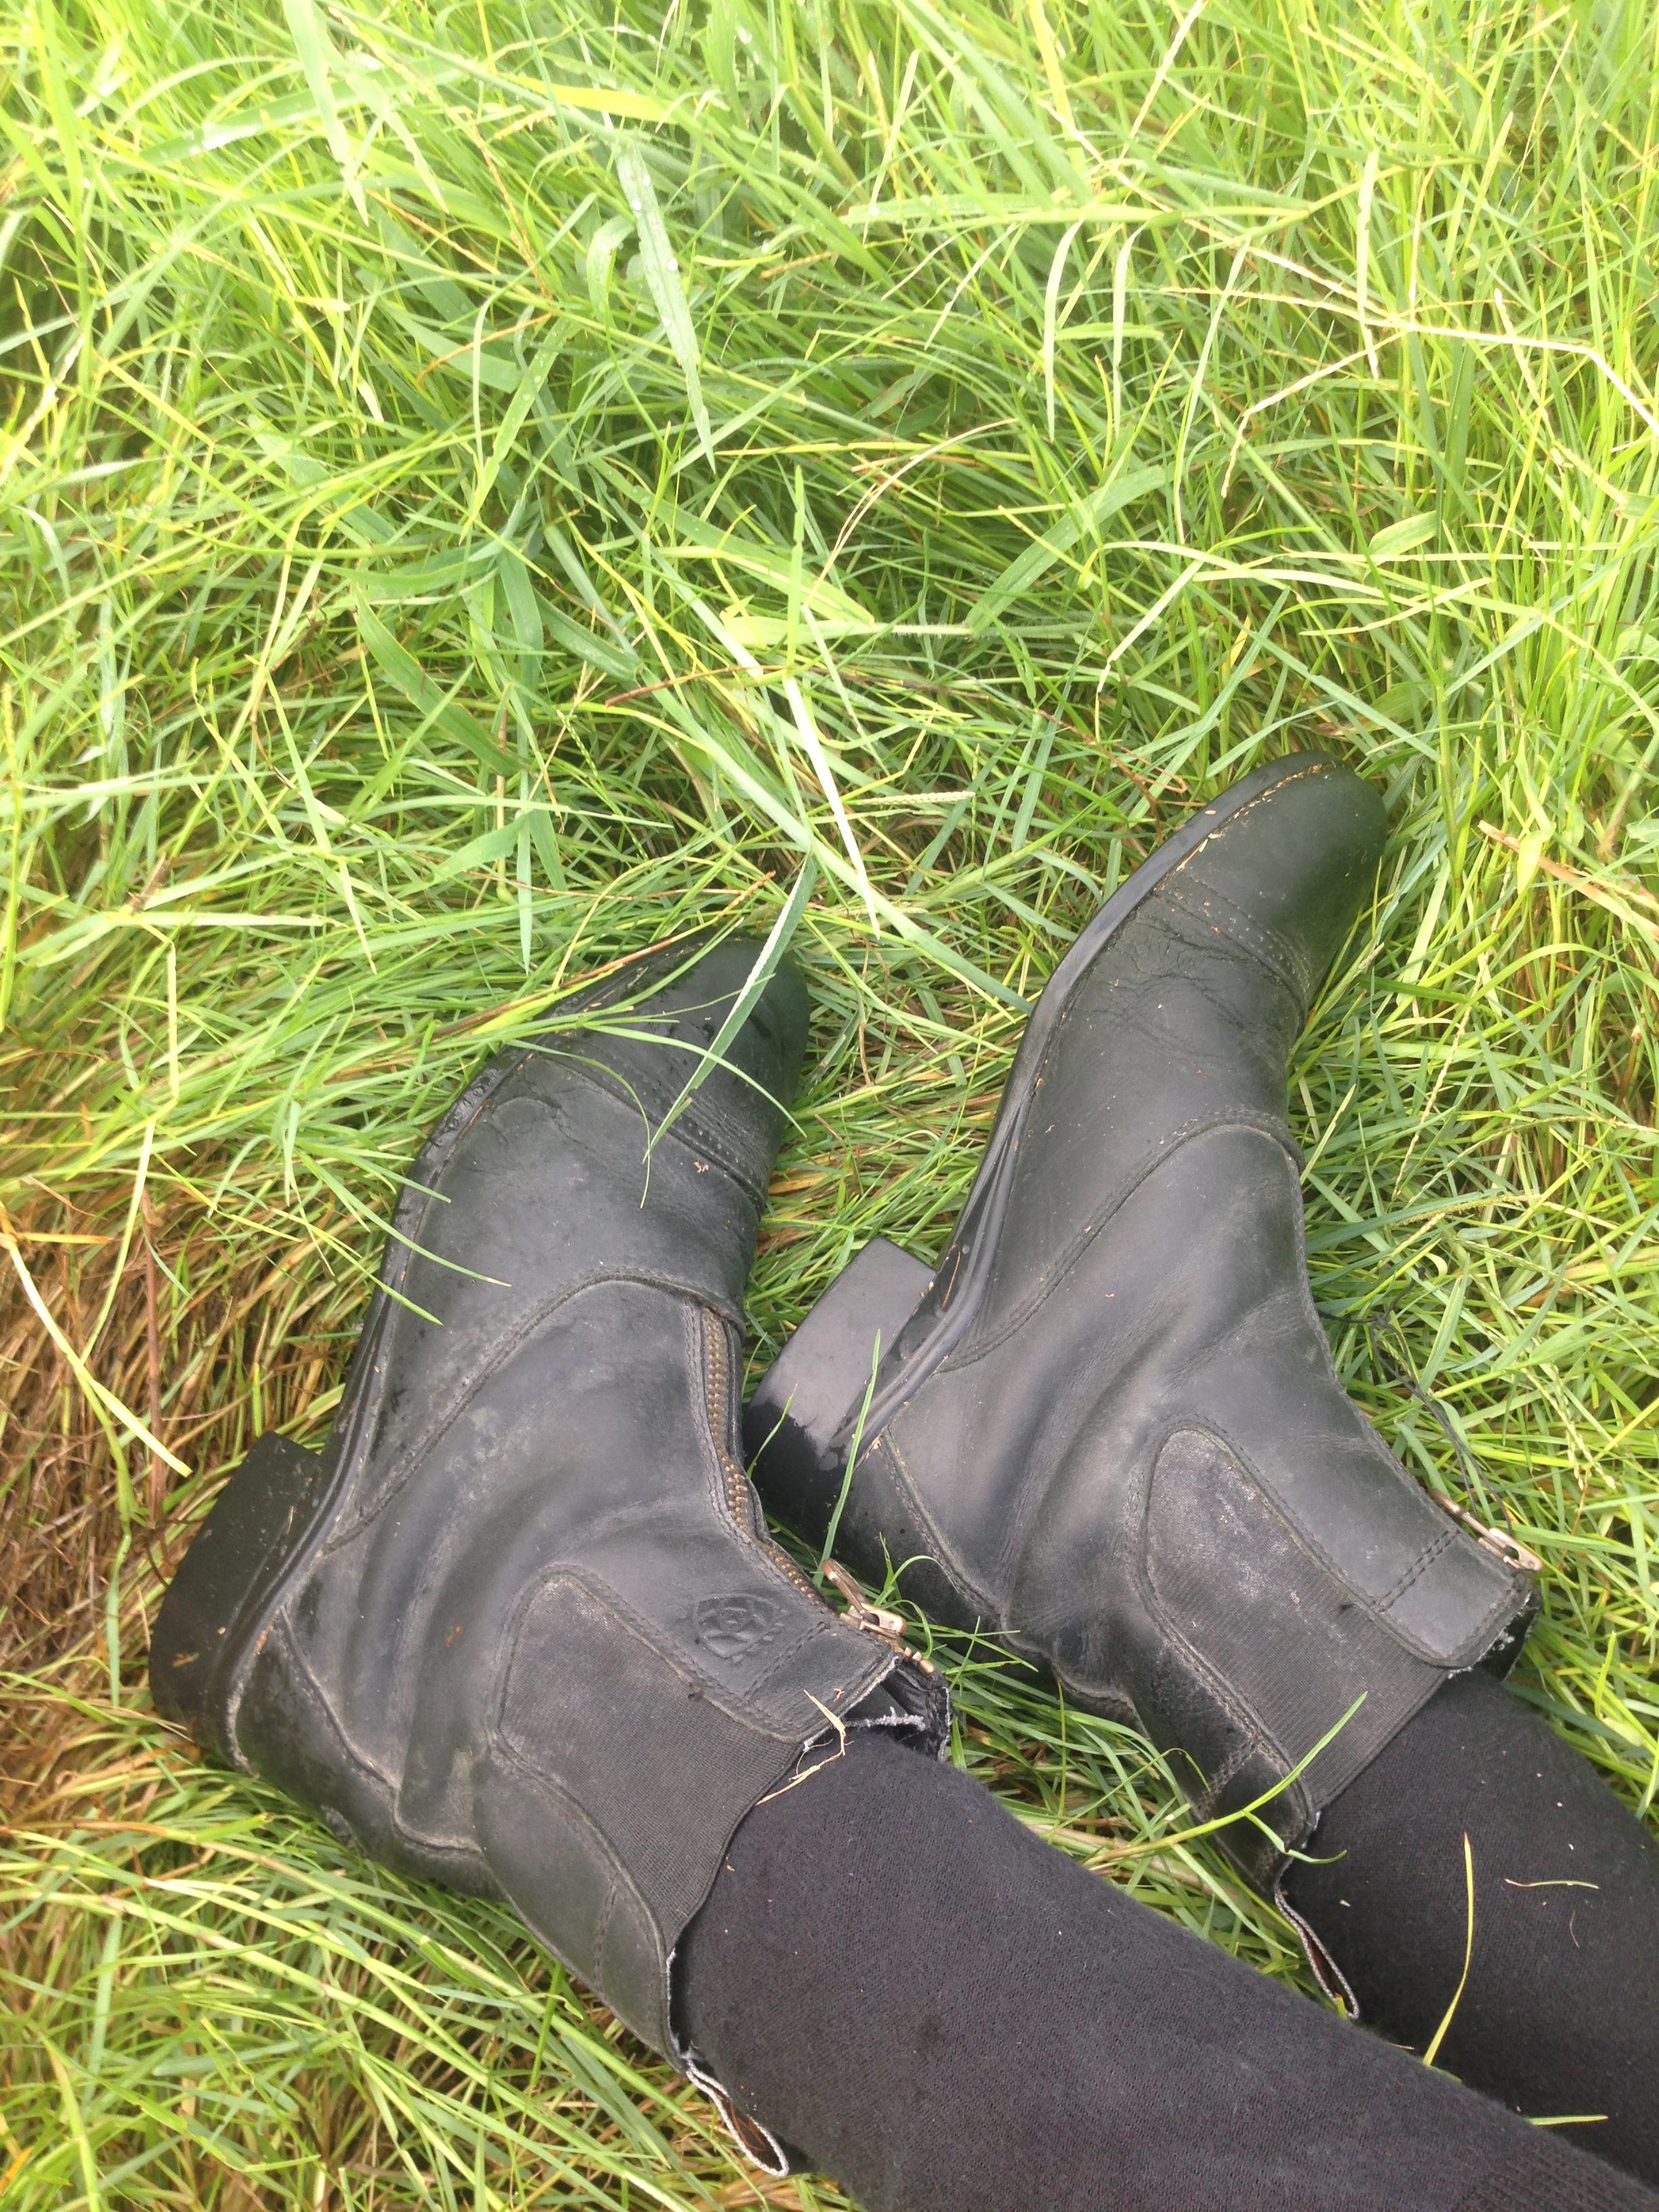 Ariat Heritage III Zip Paddock Boots [REVIEW] | Tofino Tack